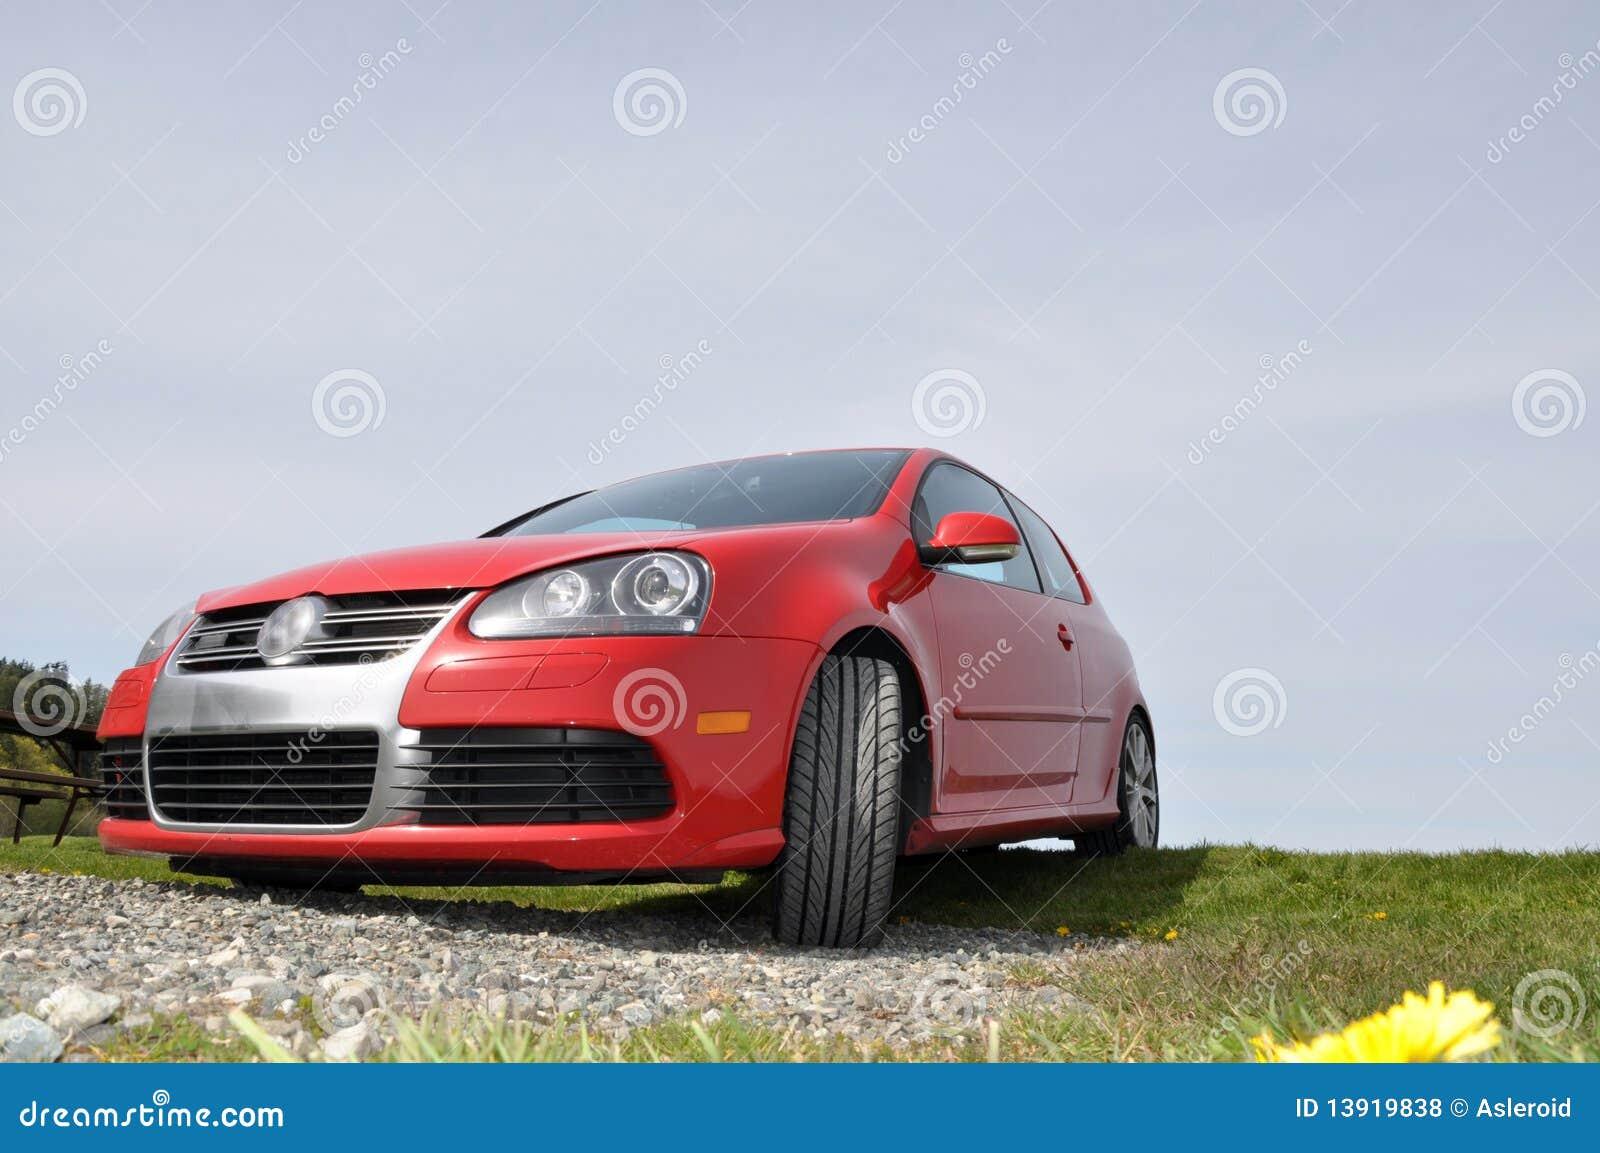 VW rouge jouent au golf R32